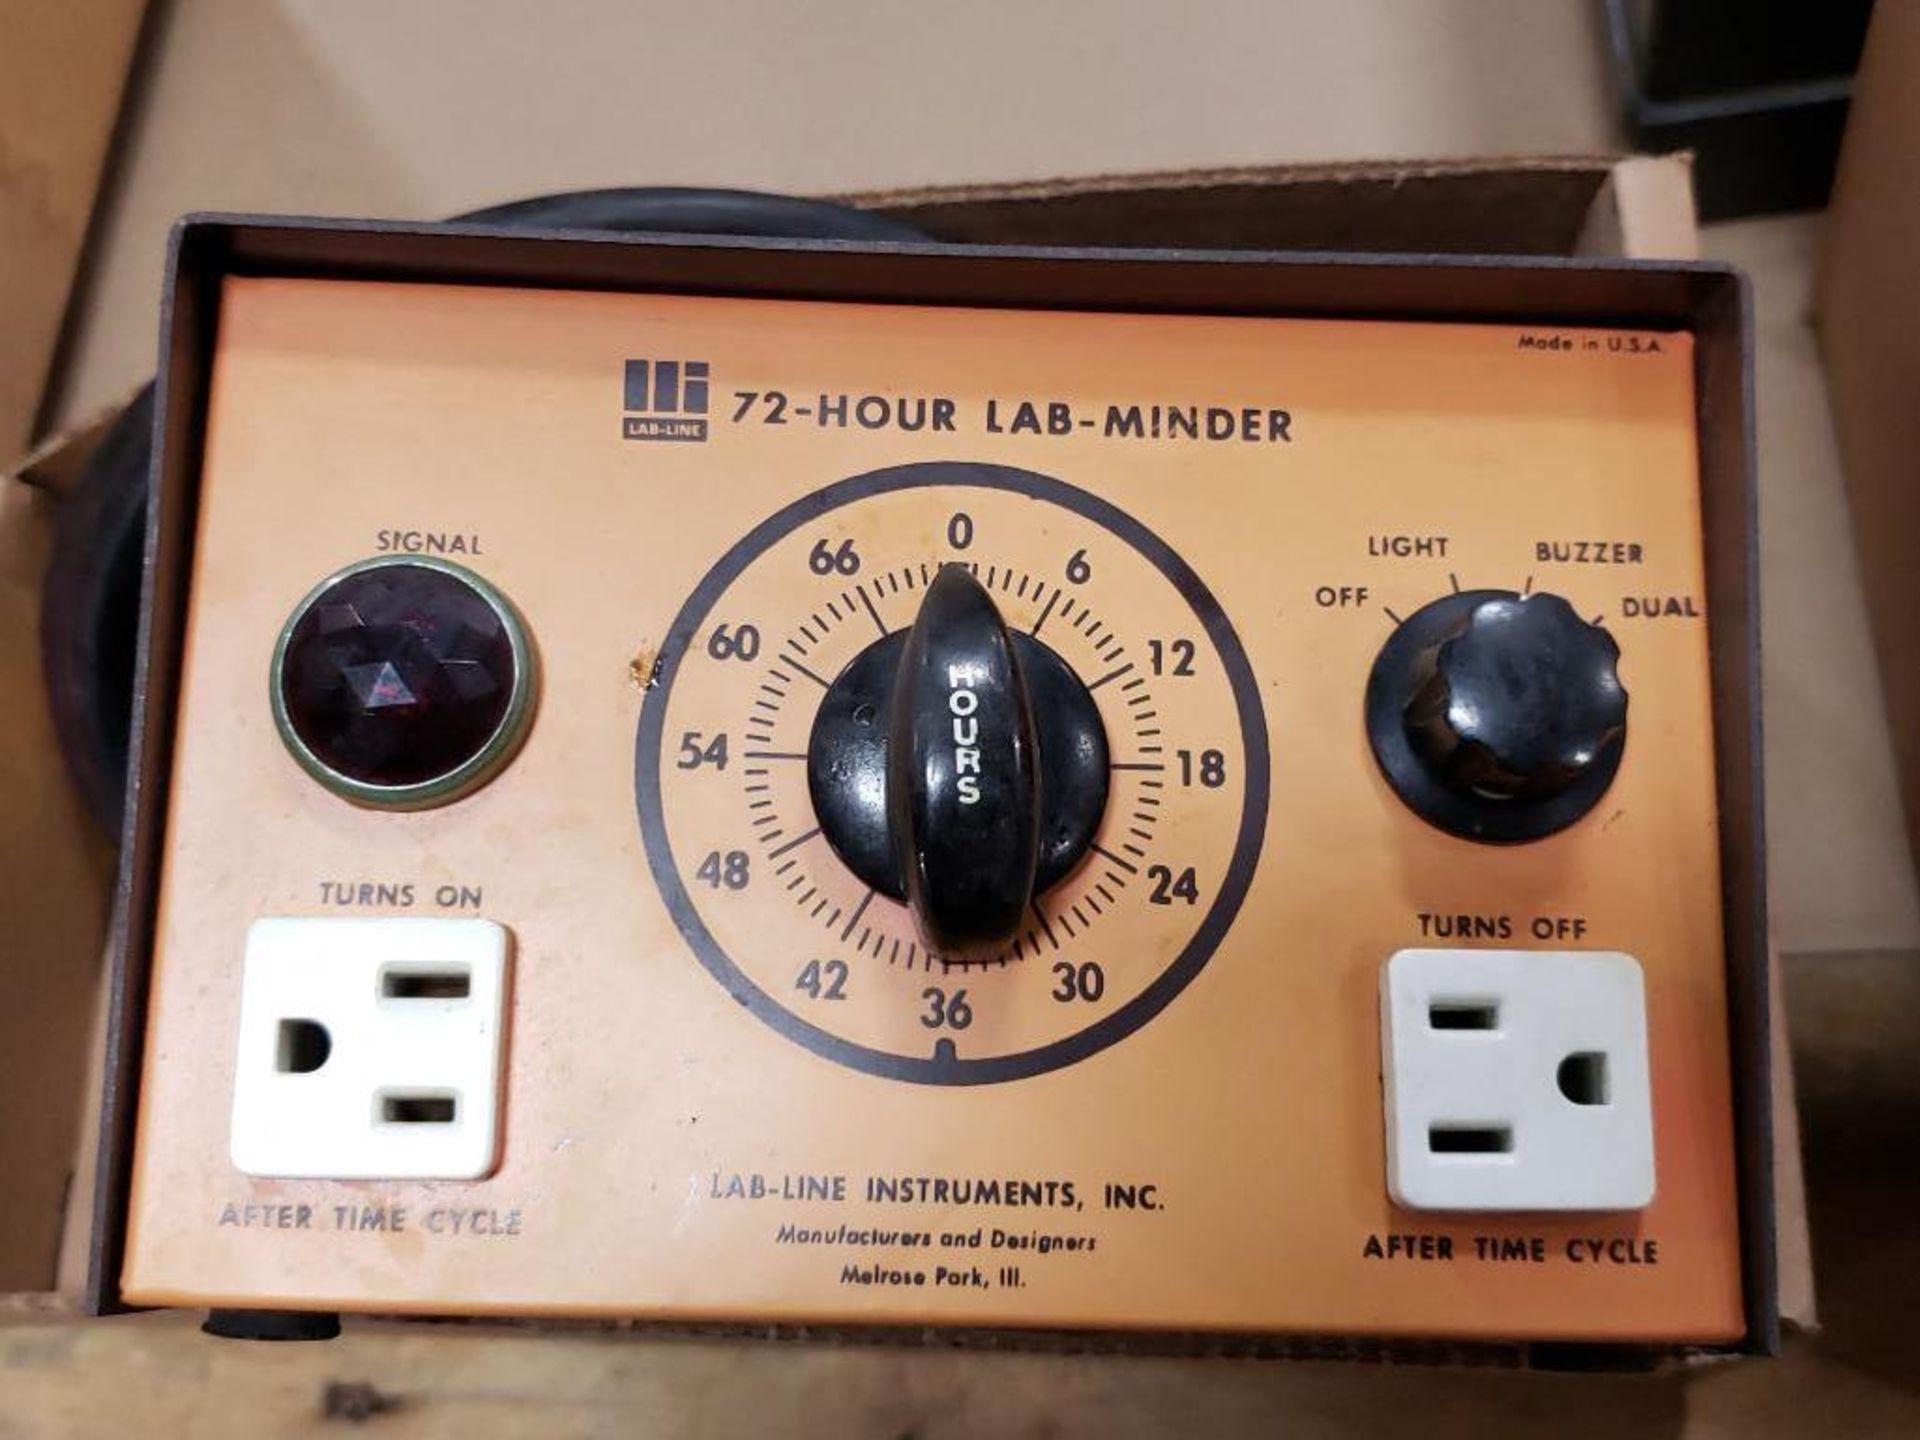 Lab-Line 72-Hour Lab-Minder. Model 1430. - Image 2 of 6